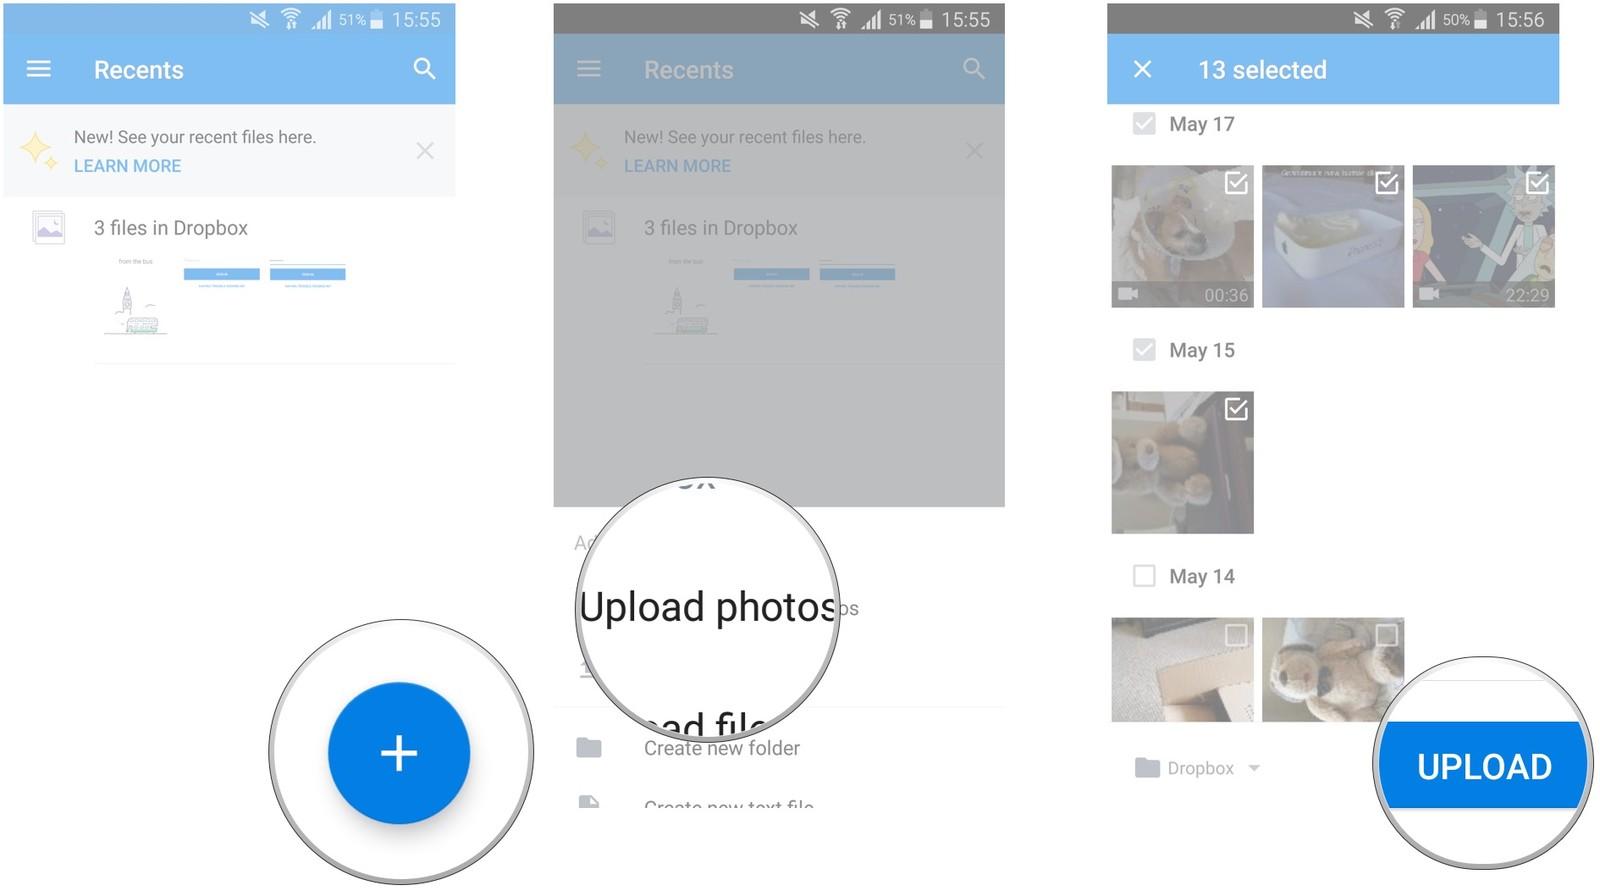 Как сделать резервную копию смартфона на Android – Dropbox (3)